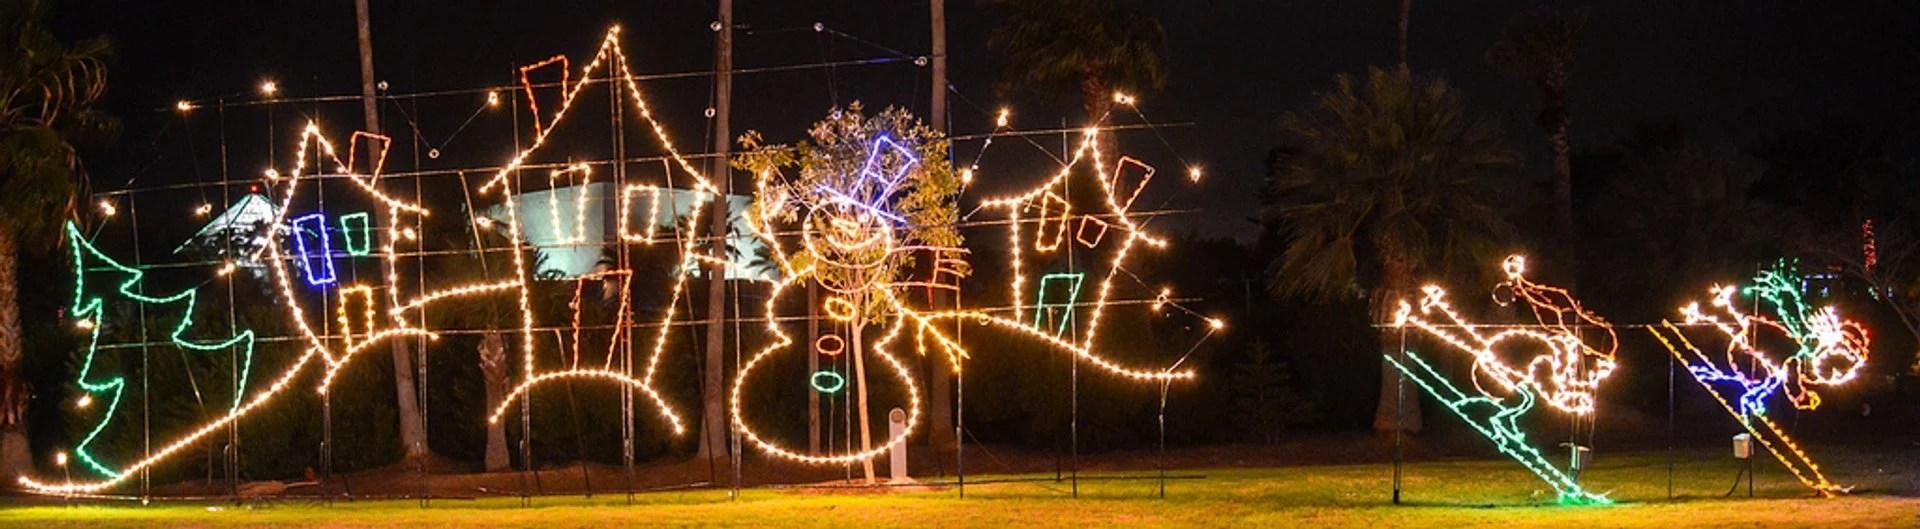 Zoo Lights Houston Zoo Dates